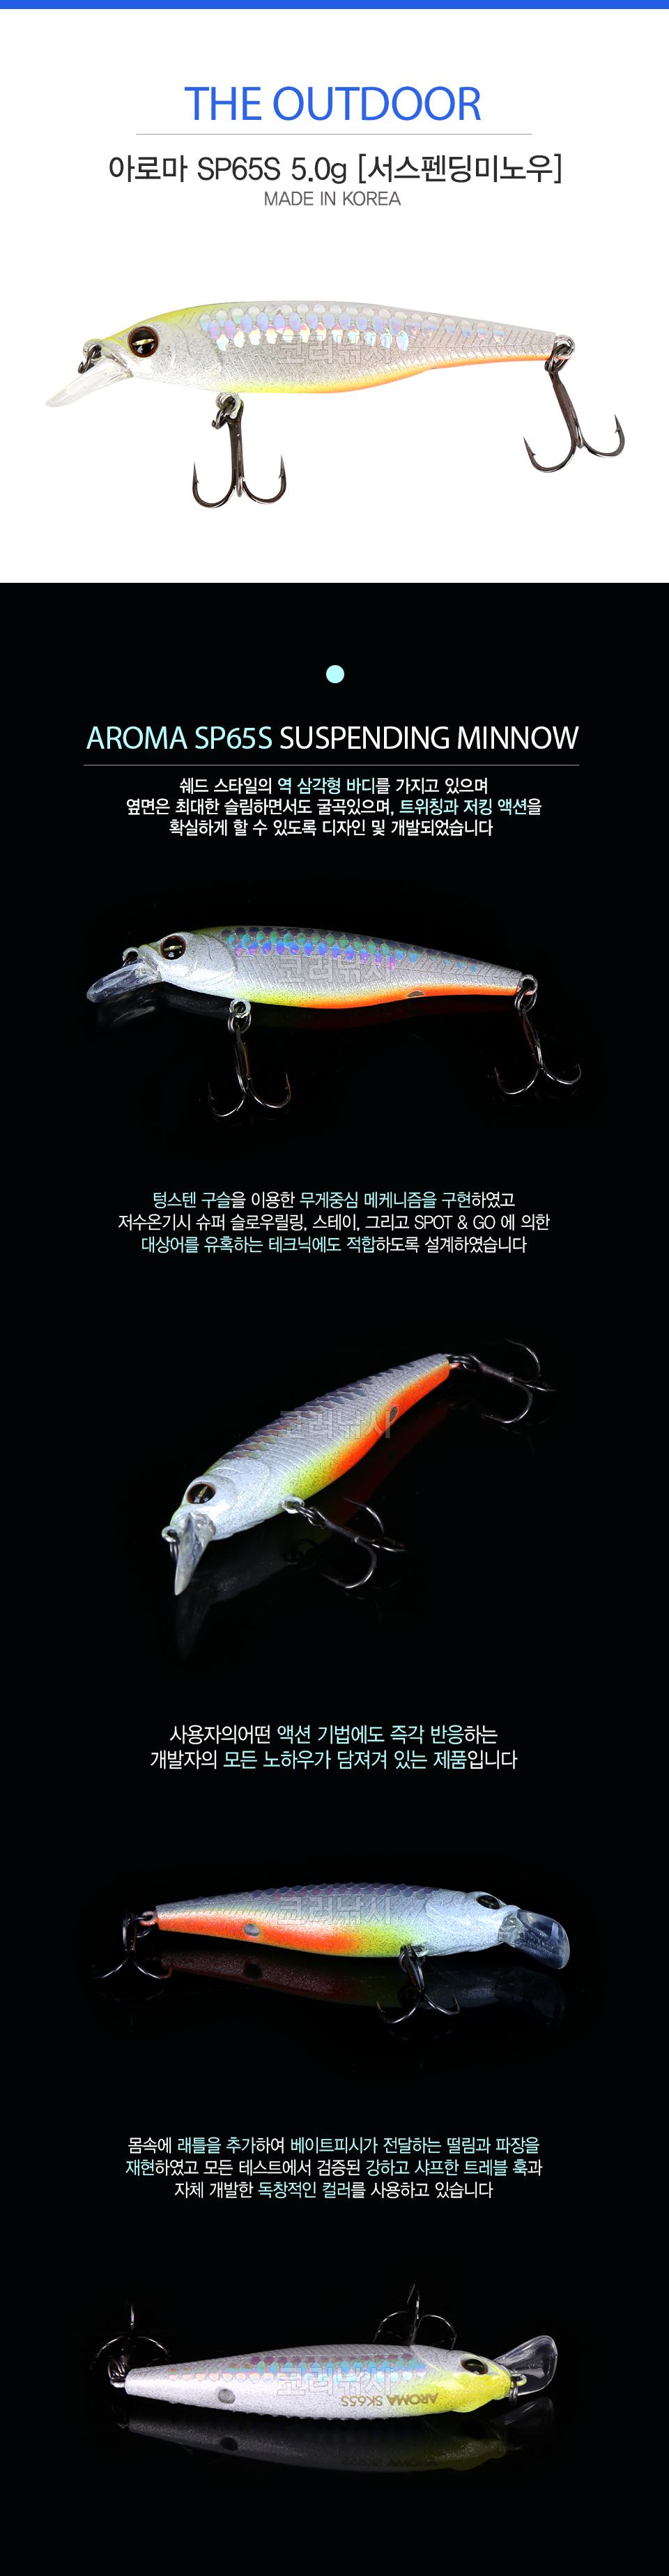 디아웃도어 아로마 SP65S (AROMA SP65S Suspending Minnow) 5.0g[서스펜딩미노우] MADE IN KOREA 유인제미노우 페레몬미노우 후각미노우 아로마미노우